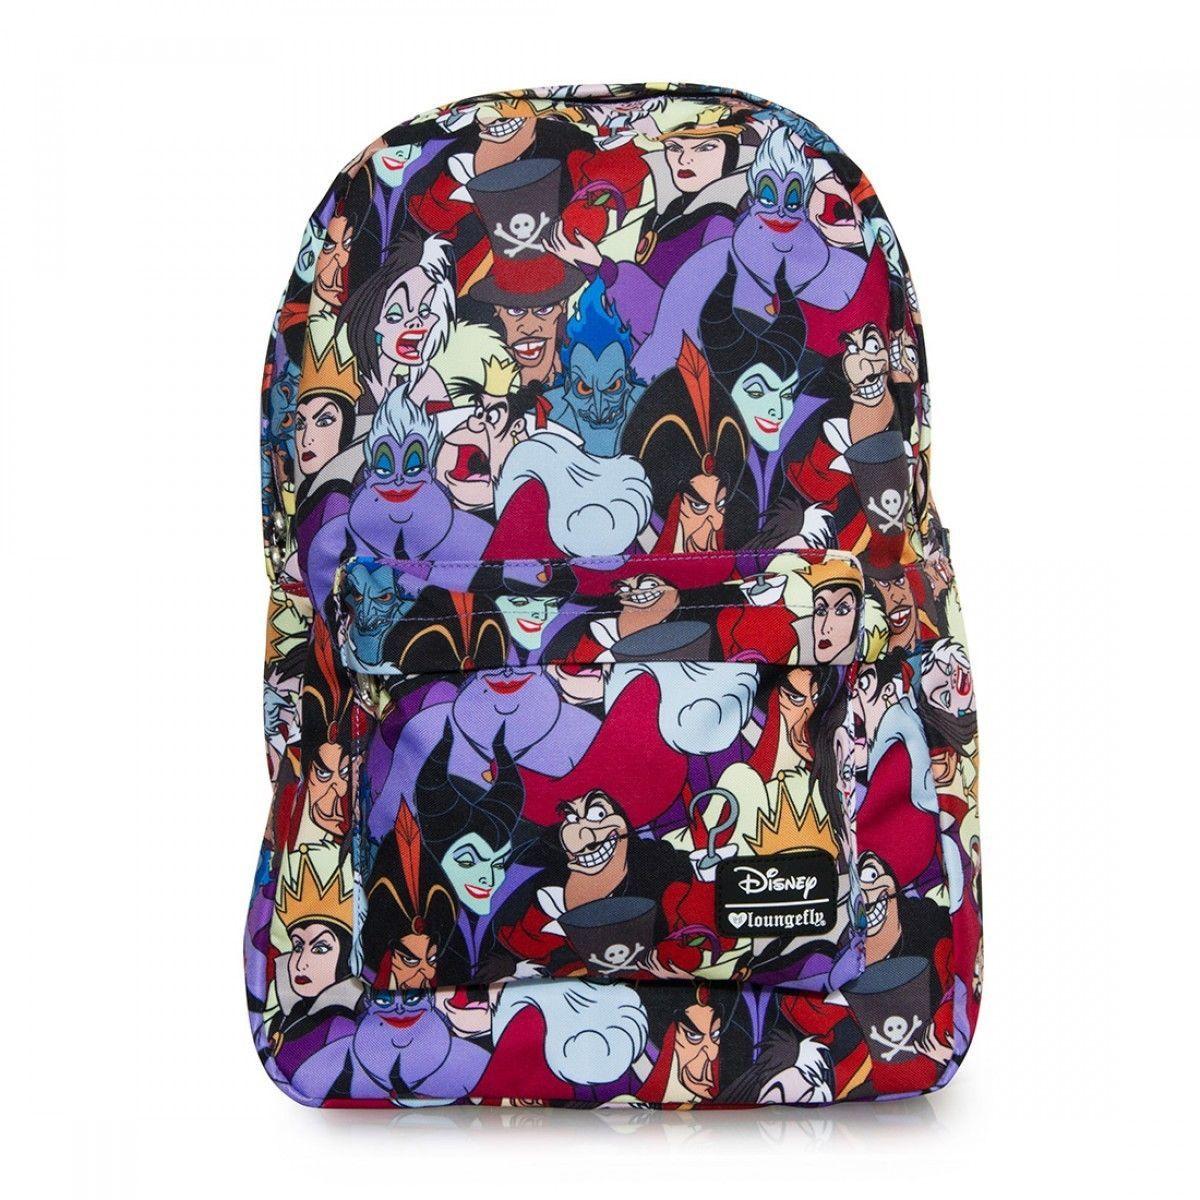 91beacf9e5b Disney Villains Backpack School Bag Evil Queen Cruella De Vil ...